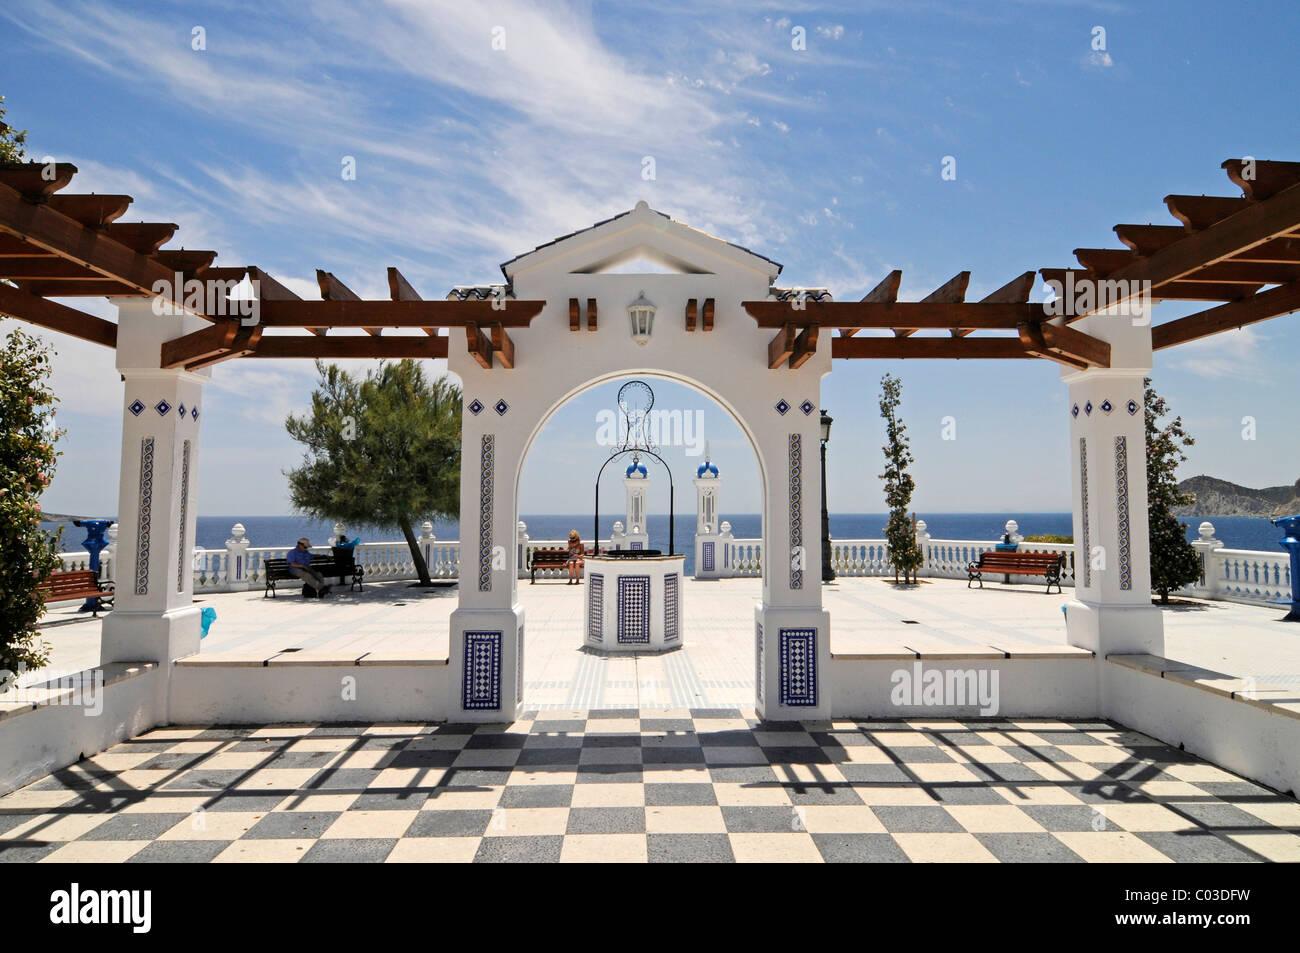 Balkon Des Mediterran Aussichtsplattform Playa De Levante Strand